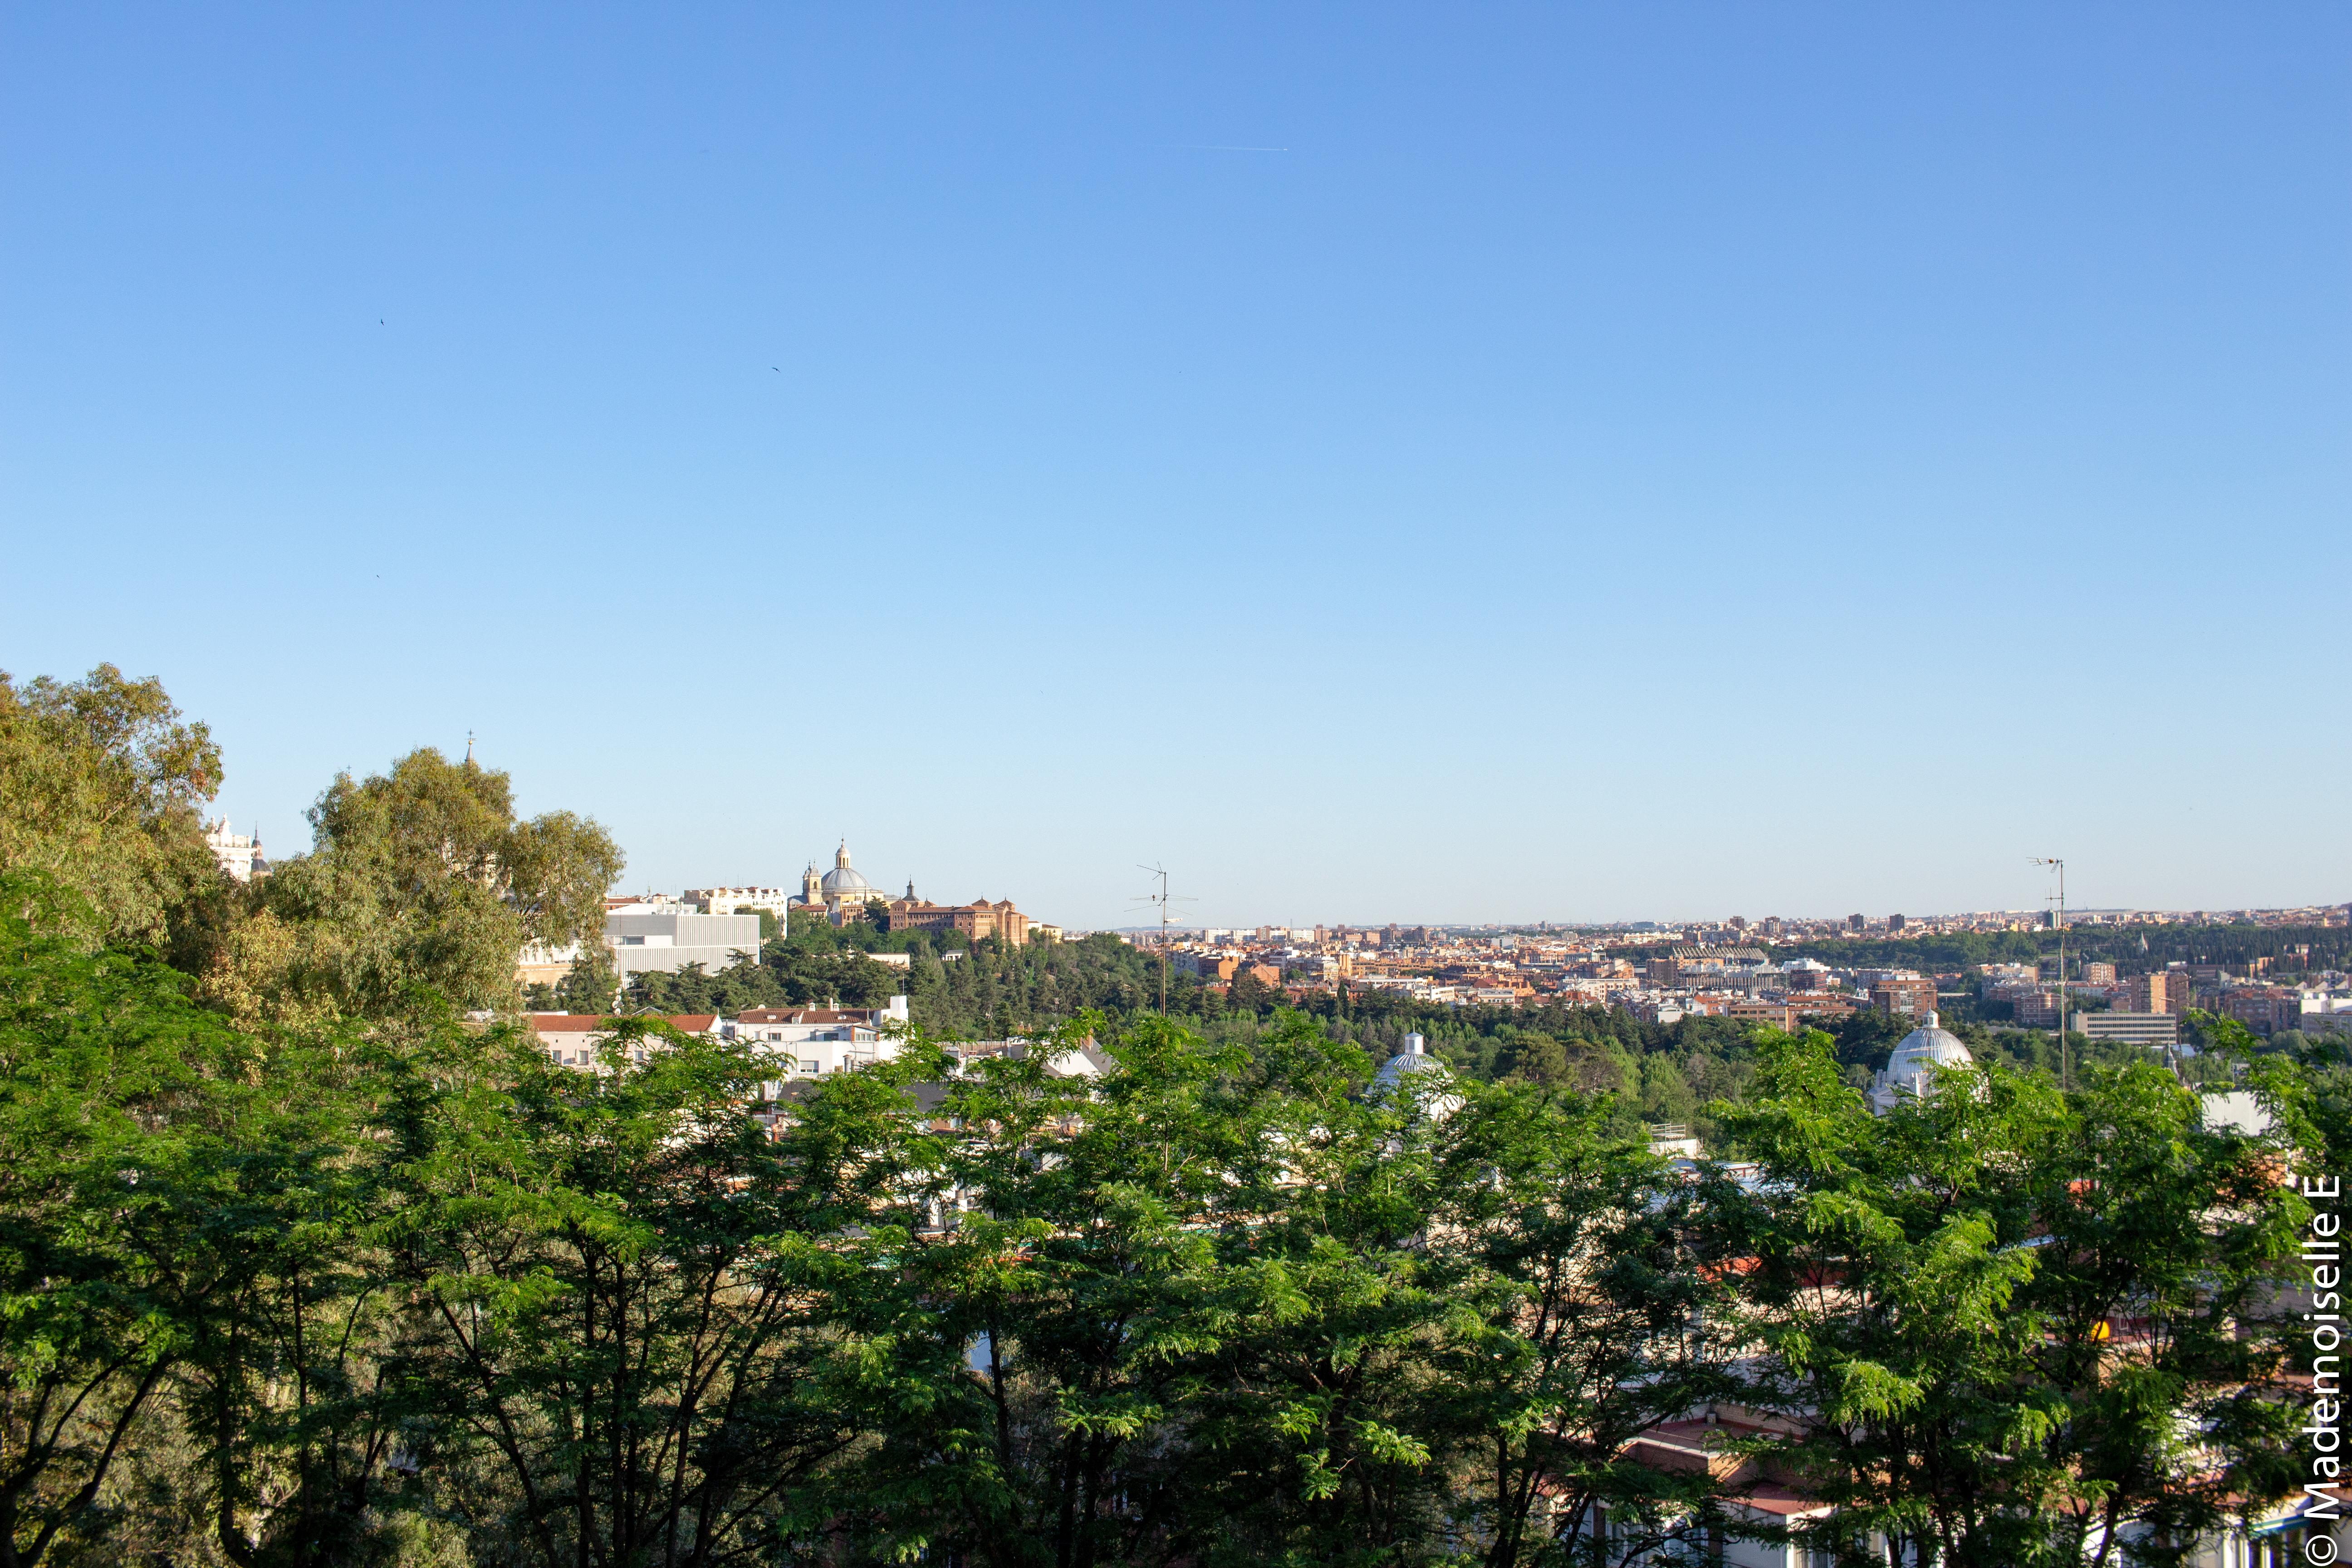 madrid-city-guide-bonnes-adresses-balcon-parque-del-oeste-mademoiselle-e